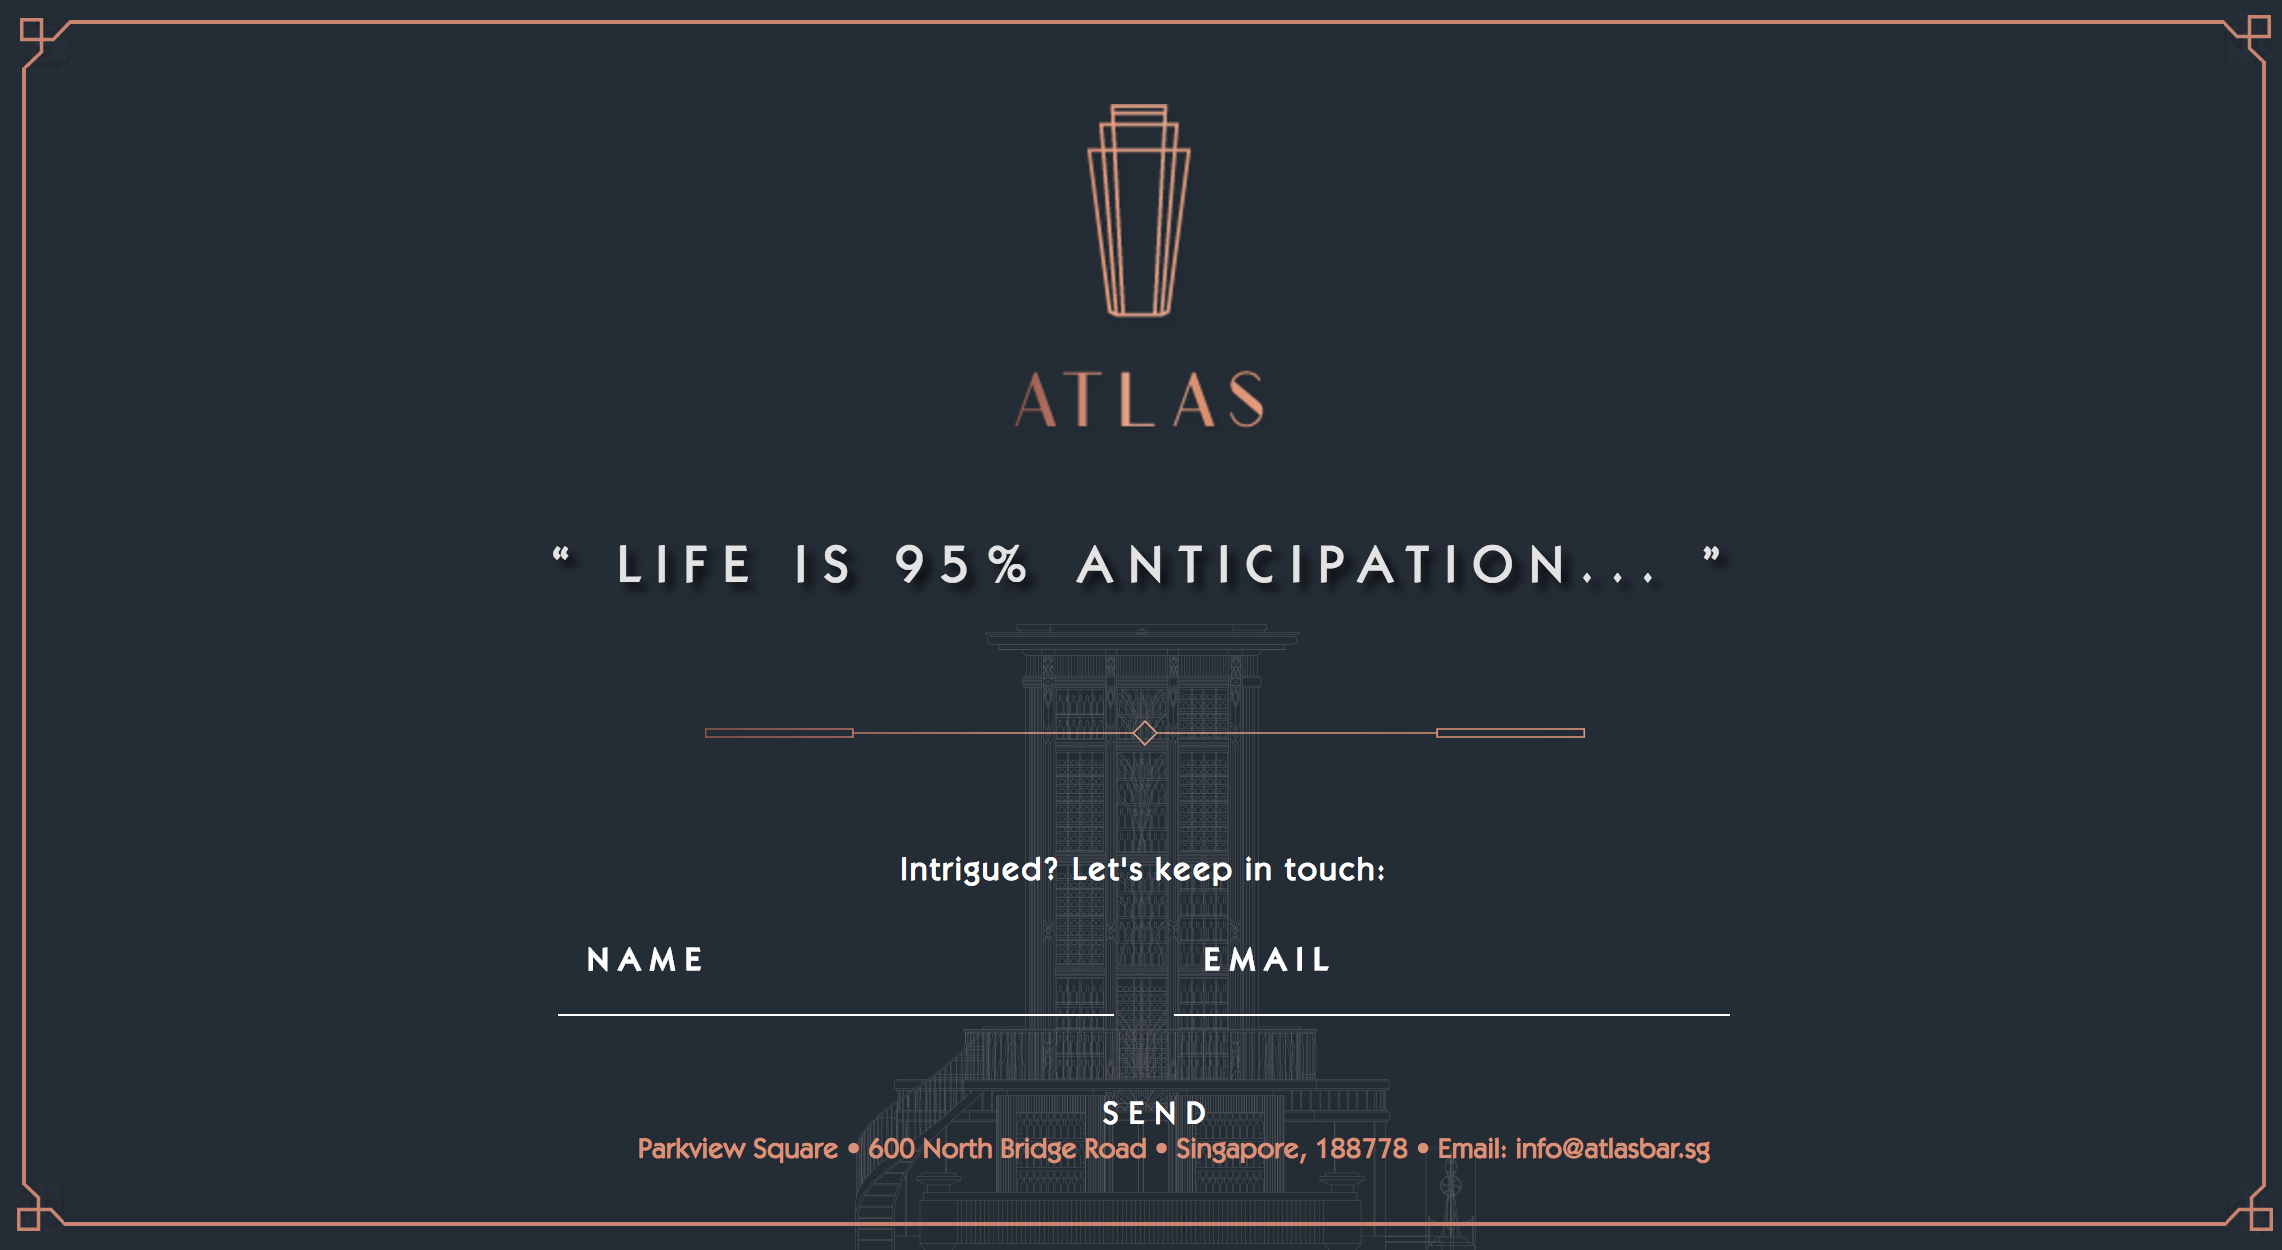 atlas bar sg